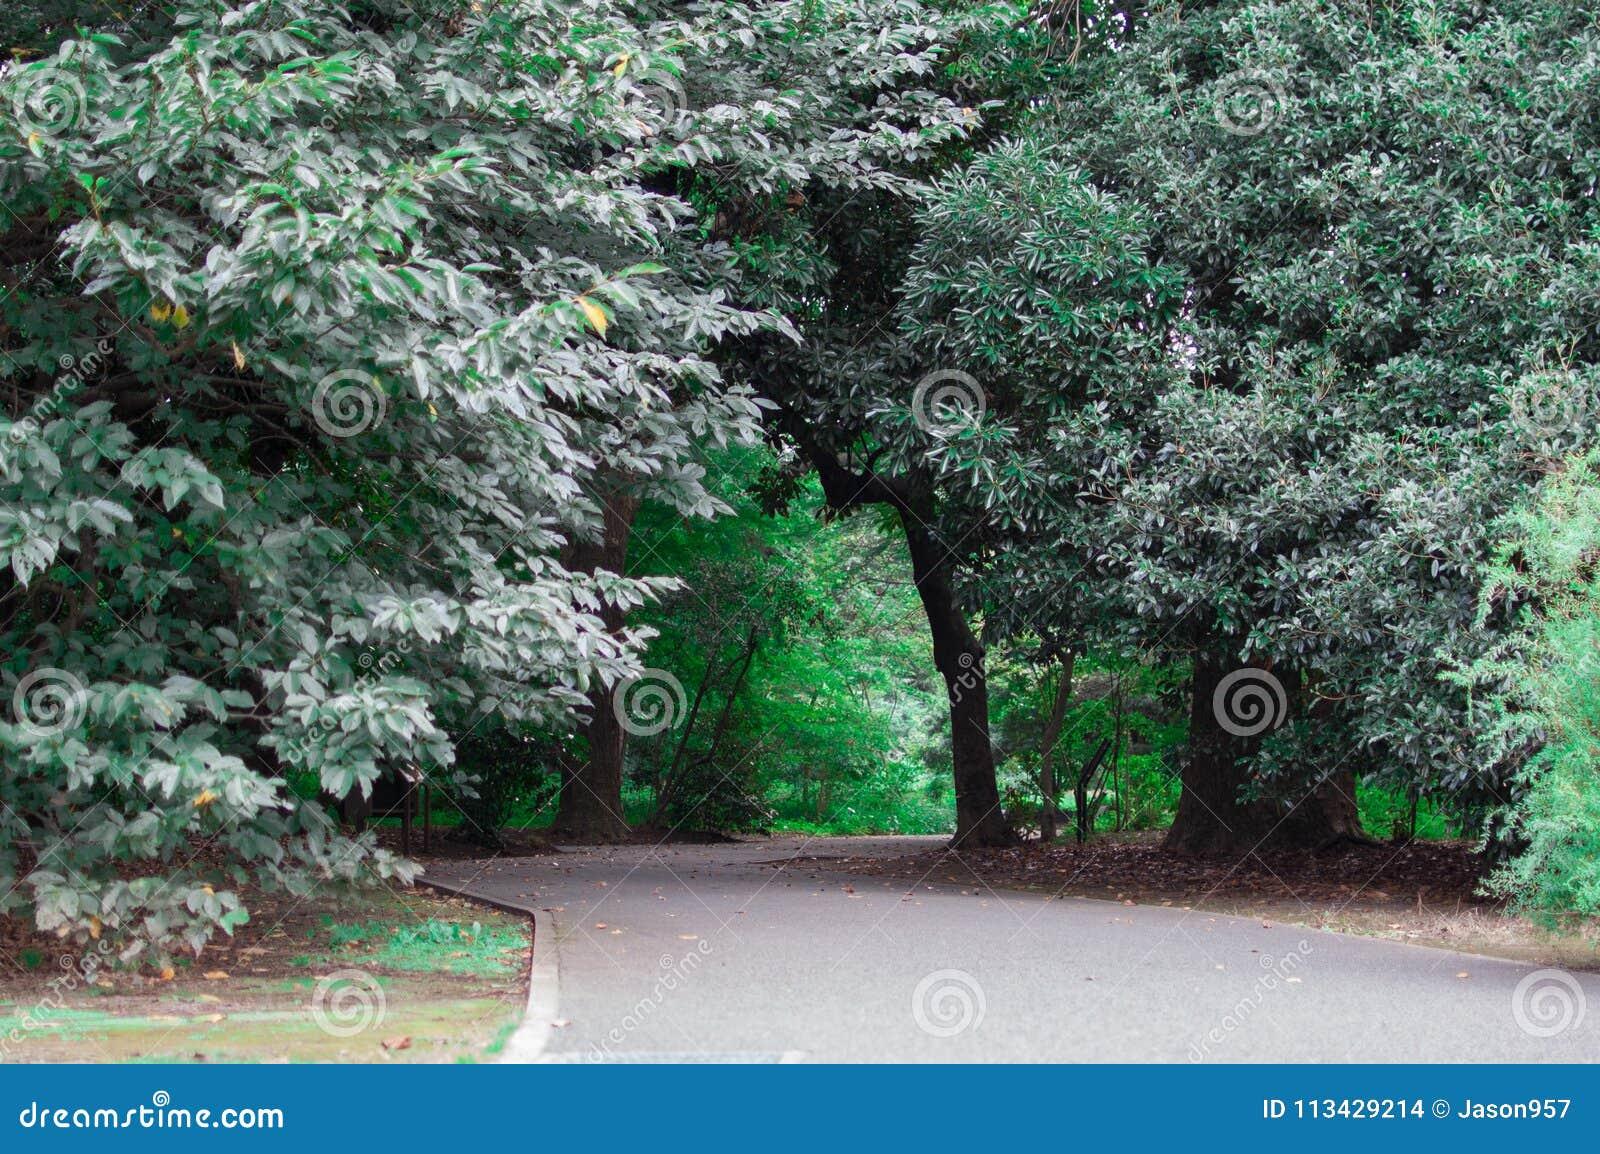 ιαπωνικό πάρκο Το καλοκαίρι είναι πολύ πράσινη εποχή της Ιαπωνίας Θερινή περίοδο του Κιότο είναι ο πολύ καλός συγχρονισμός για να